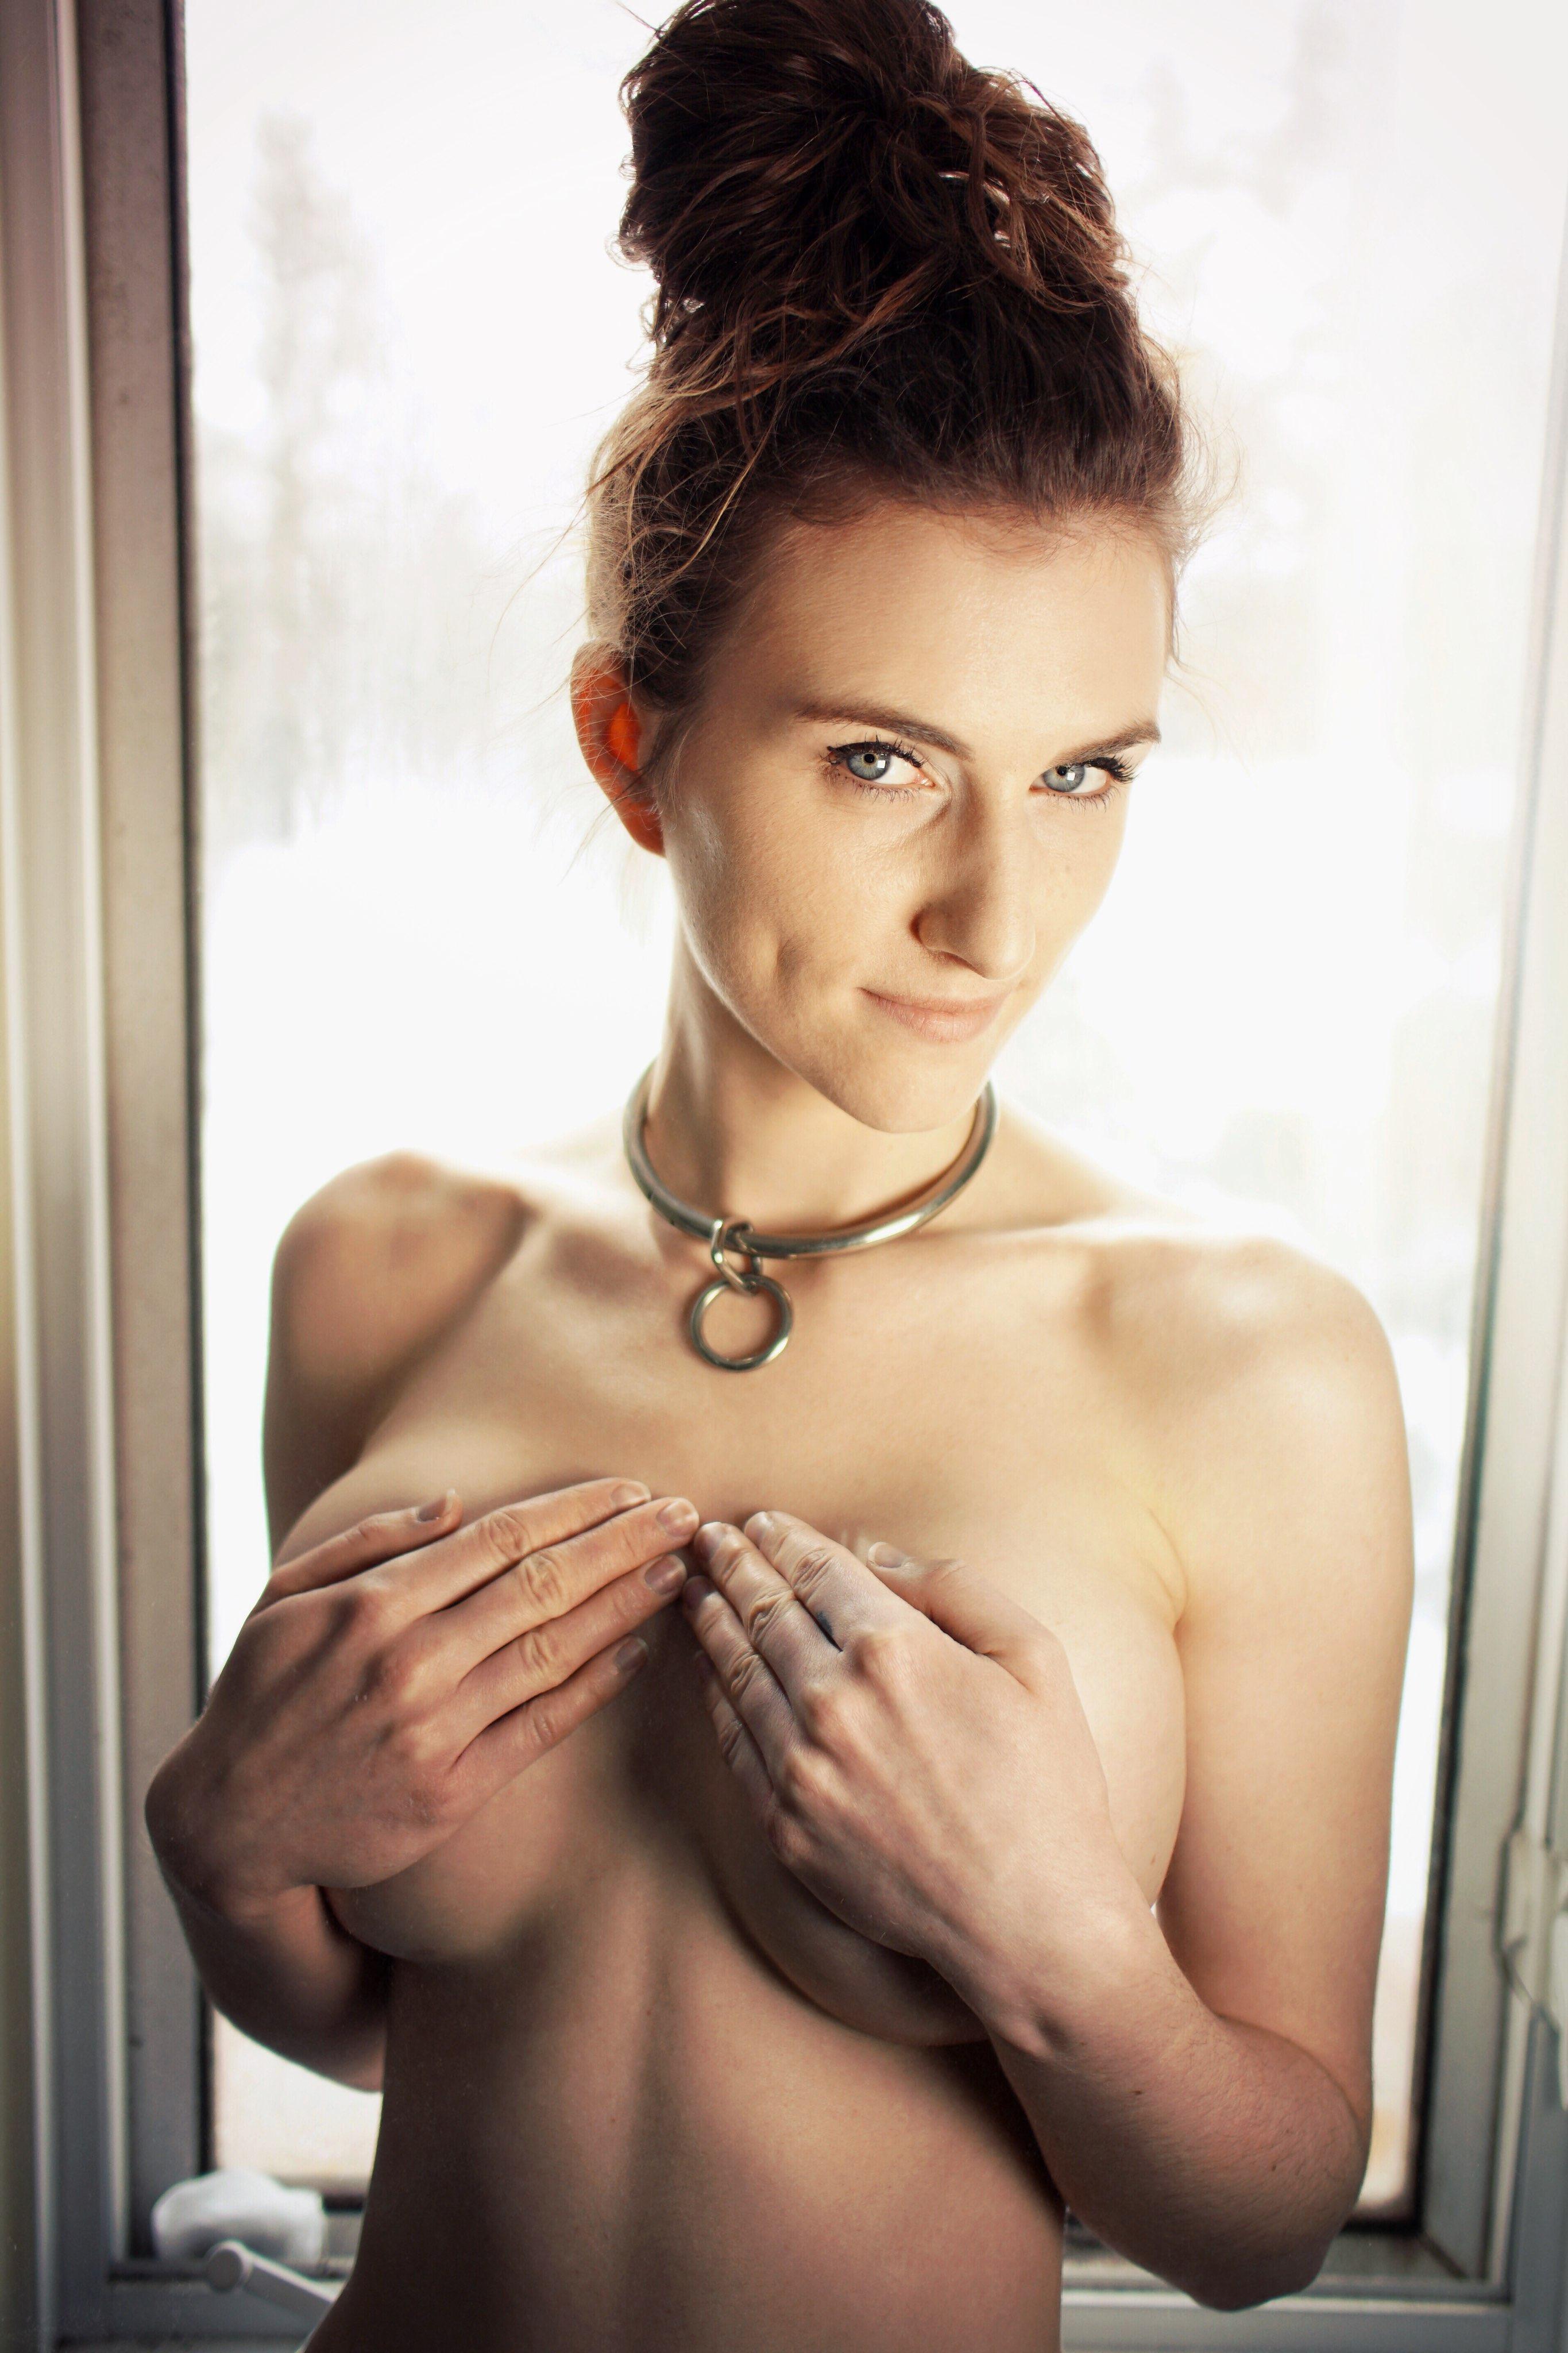 brüste titten